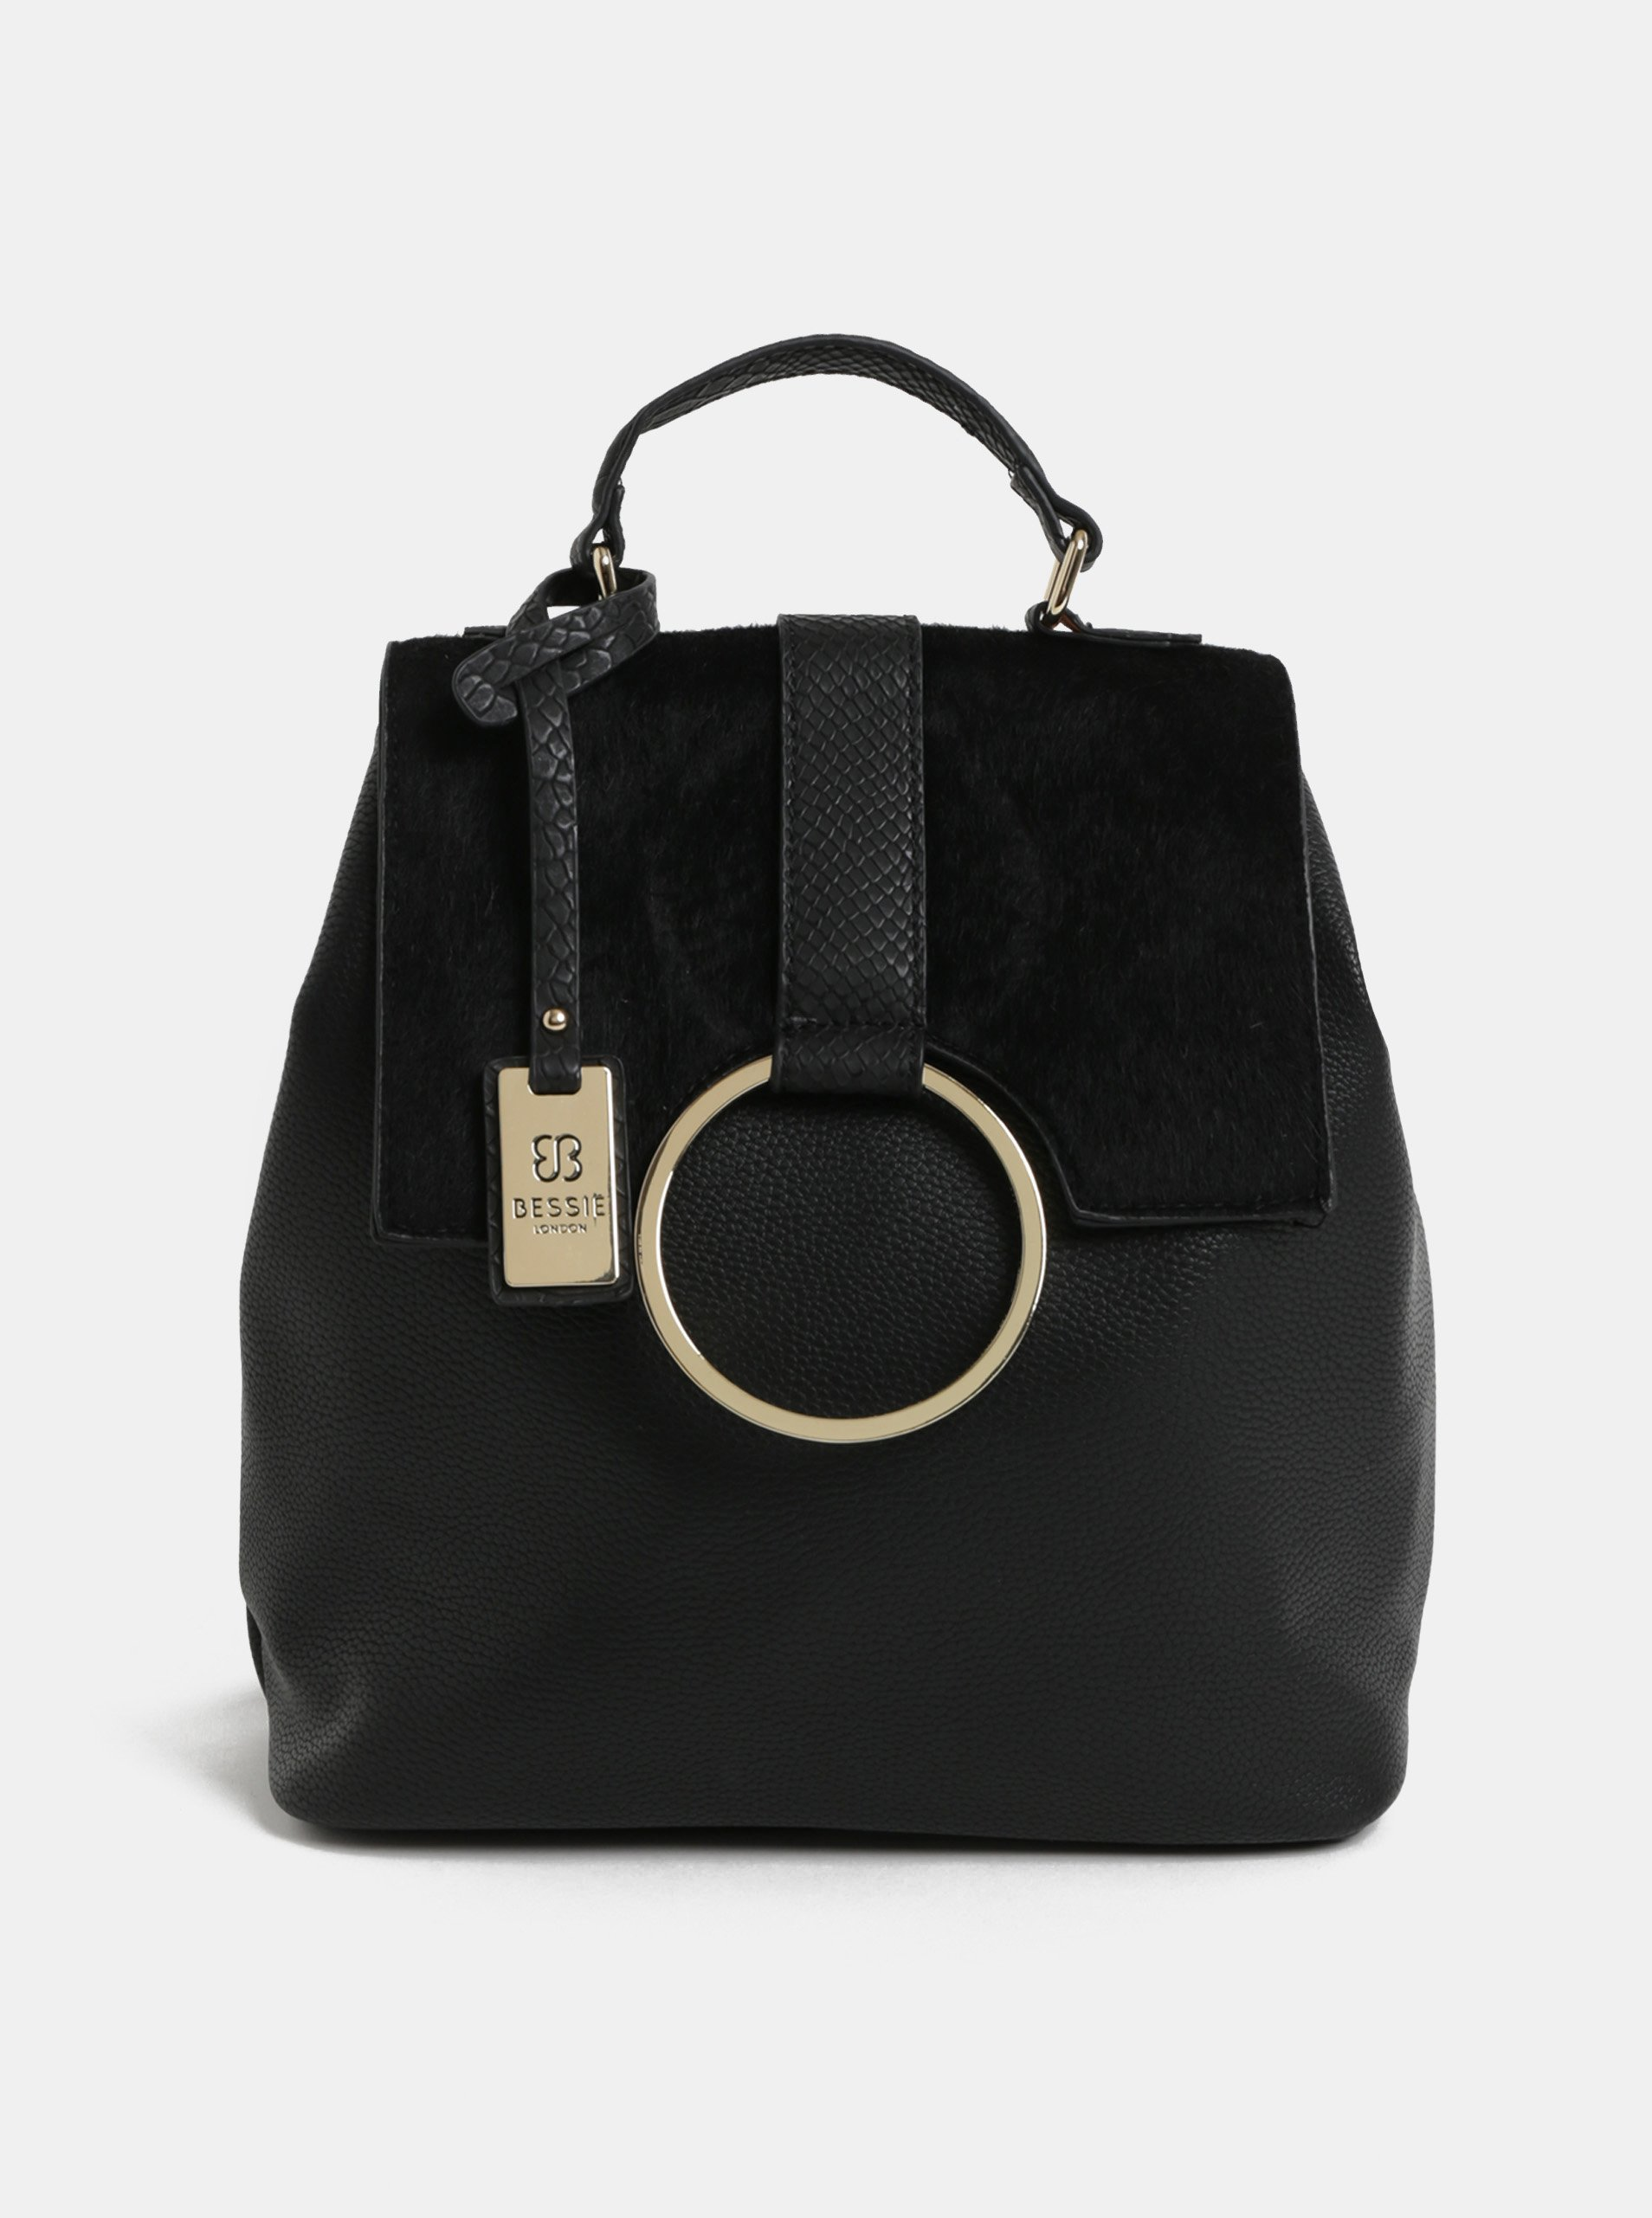 Fotografie Černý batoh s umělým kožíškem a detaily ve zlaté barvě Bessie London